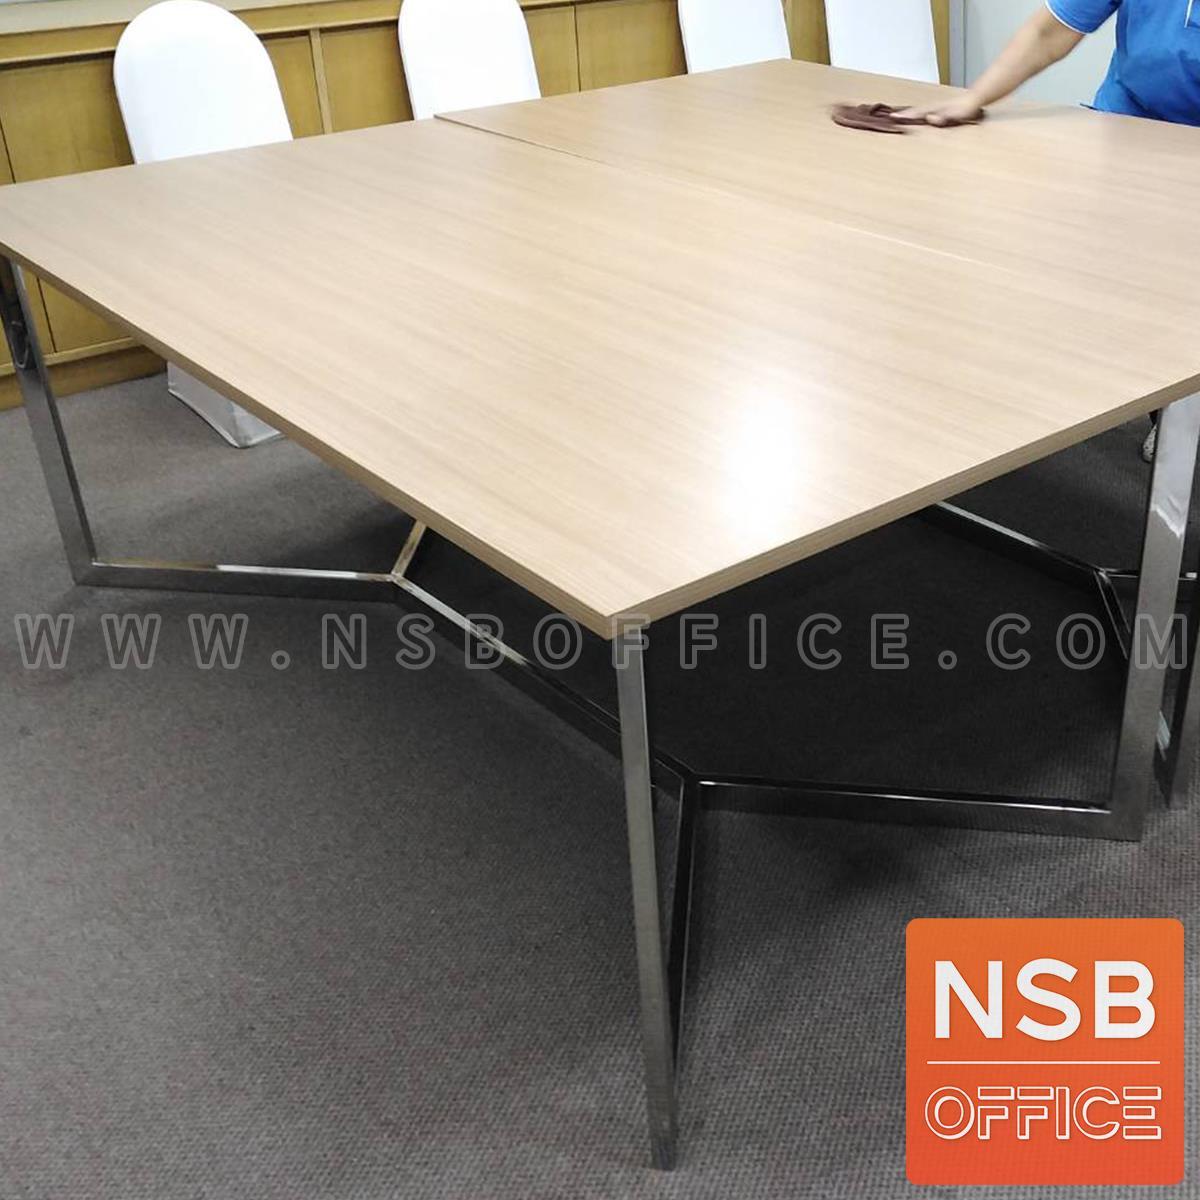 โต๊ะประชุมทรงสีเหลี่ยม รุ่น Jaylen (เจเลน) ขนาด 200W*100D*75H cm. ขาสแตนเลส